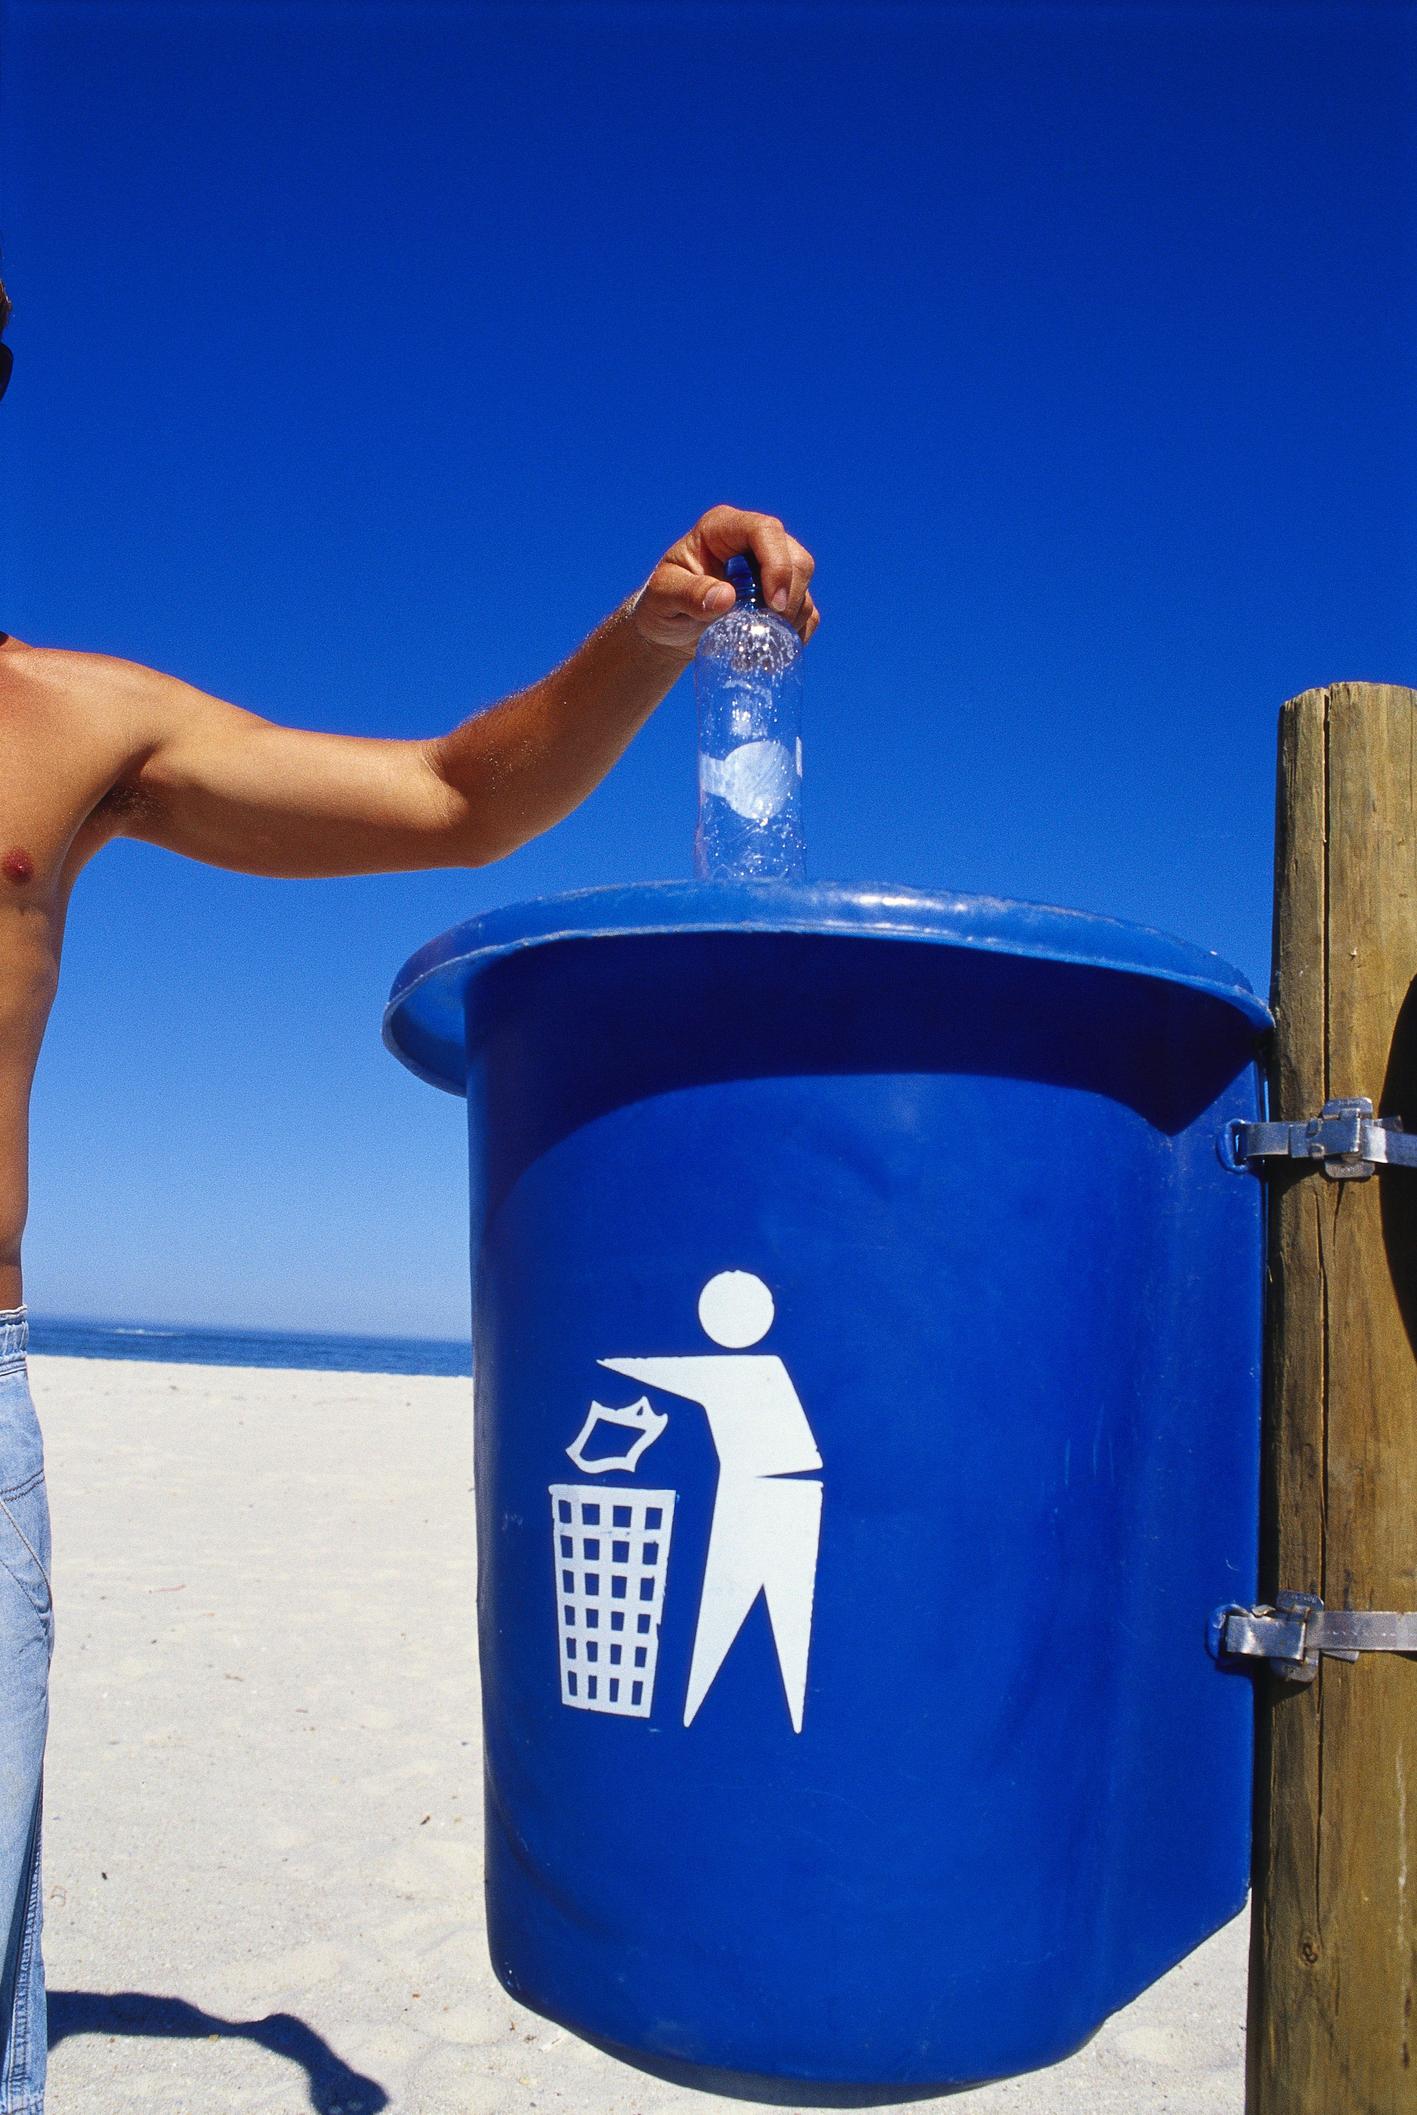 Eine Person wirft eine Flasche in den Müll. Thema Verpackungsrecycling